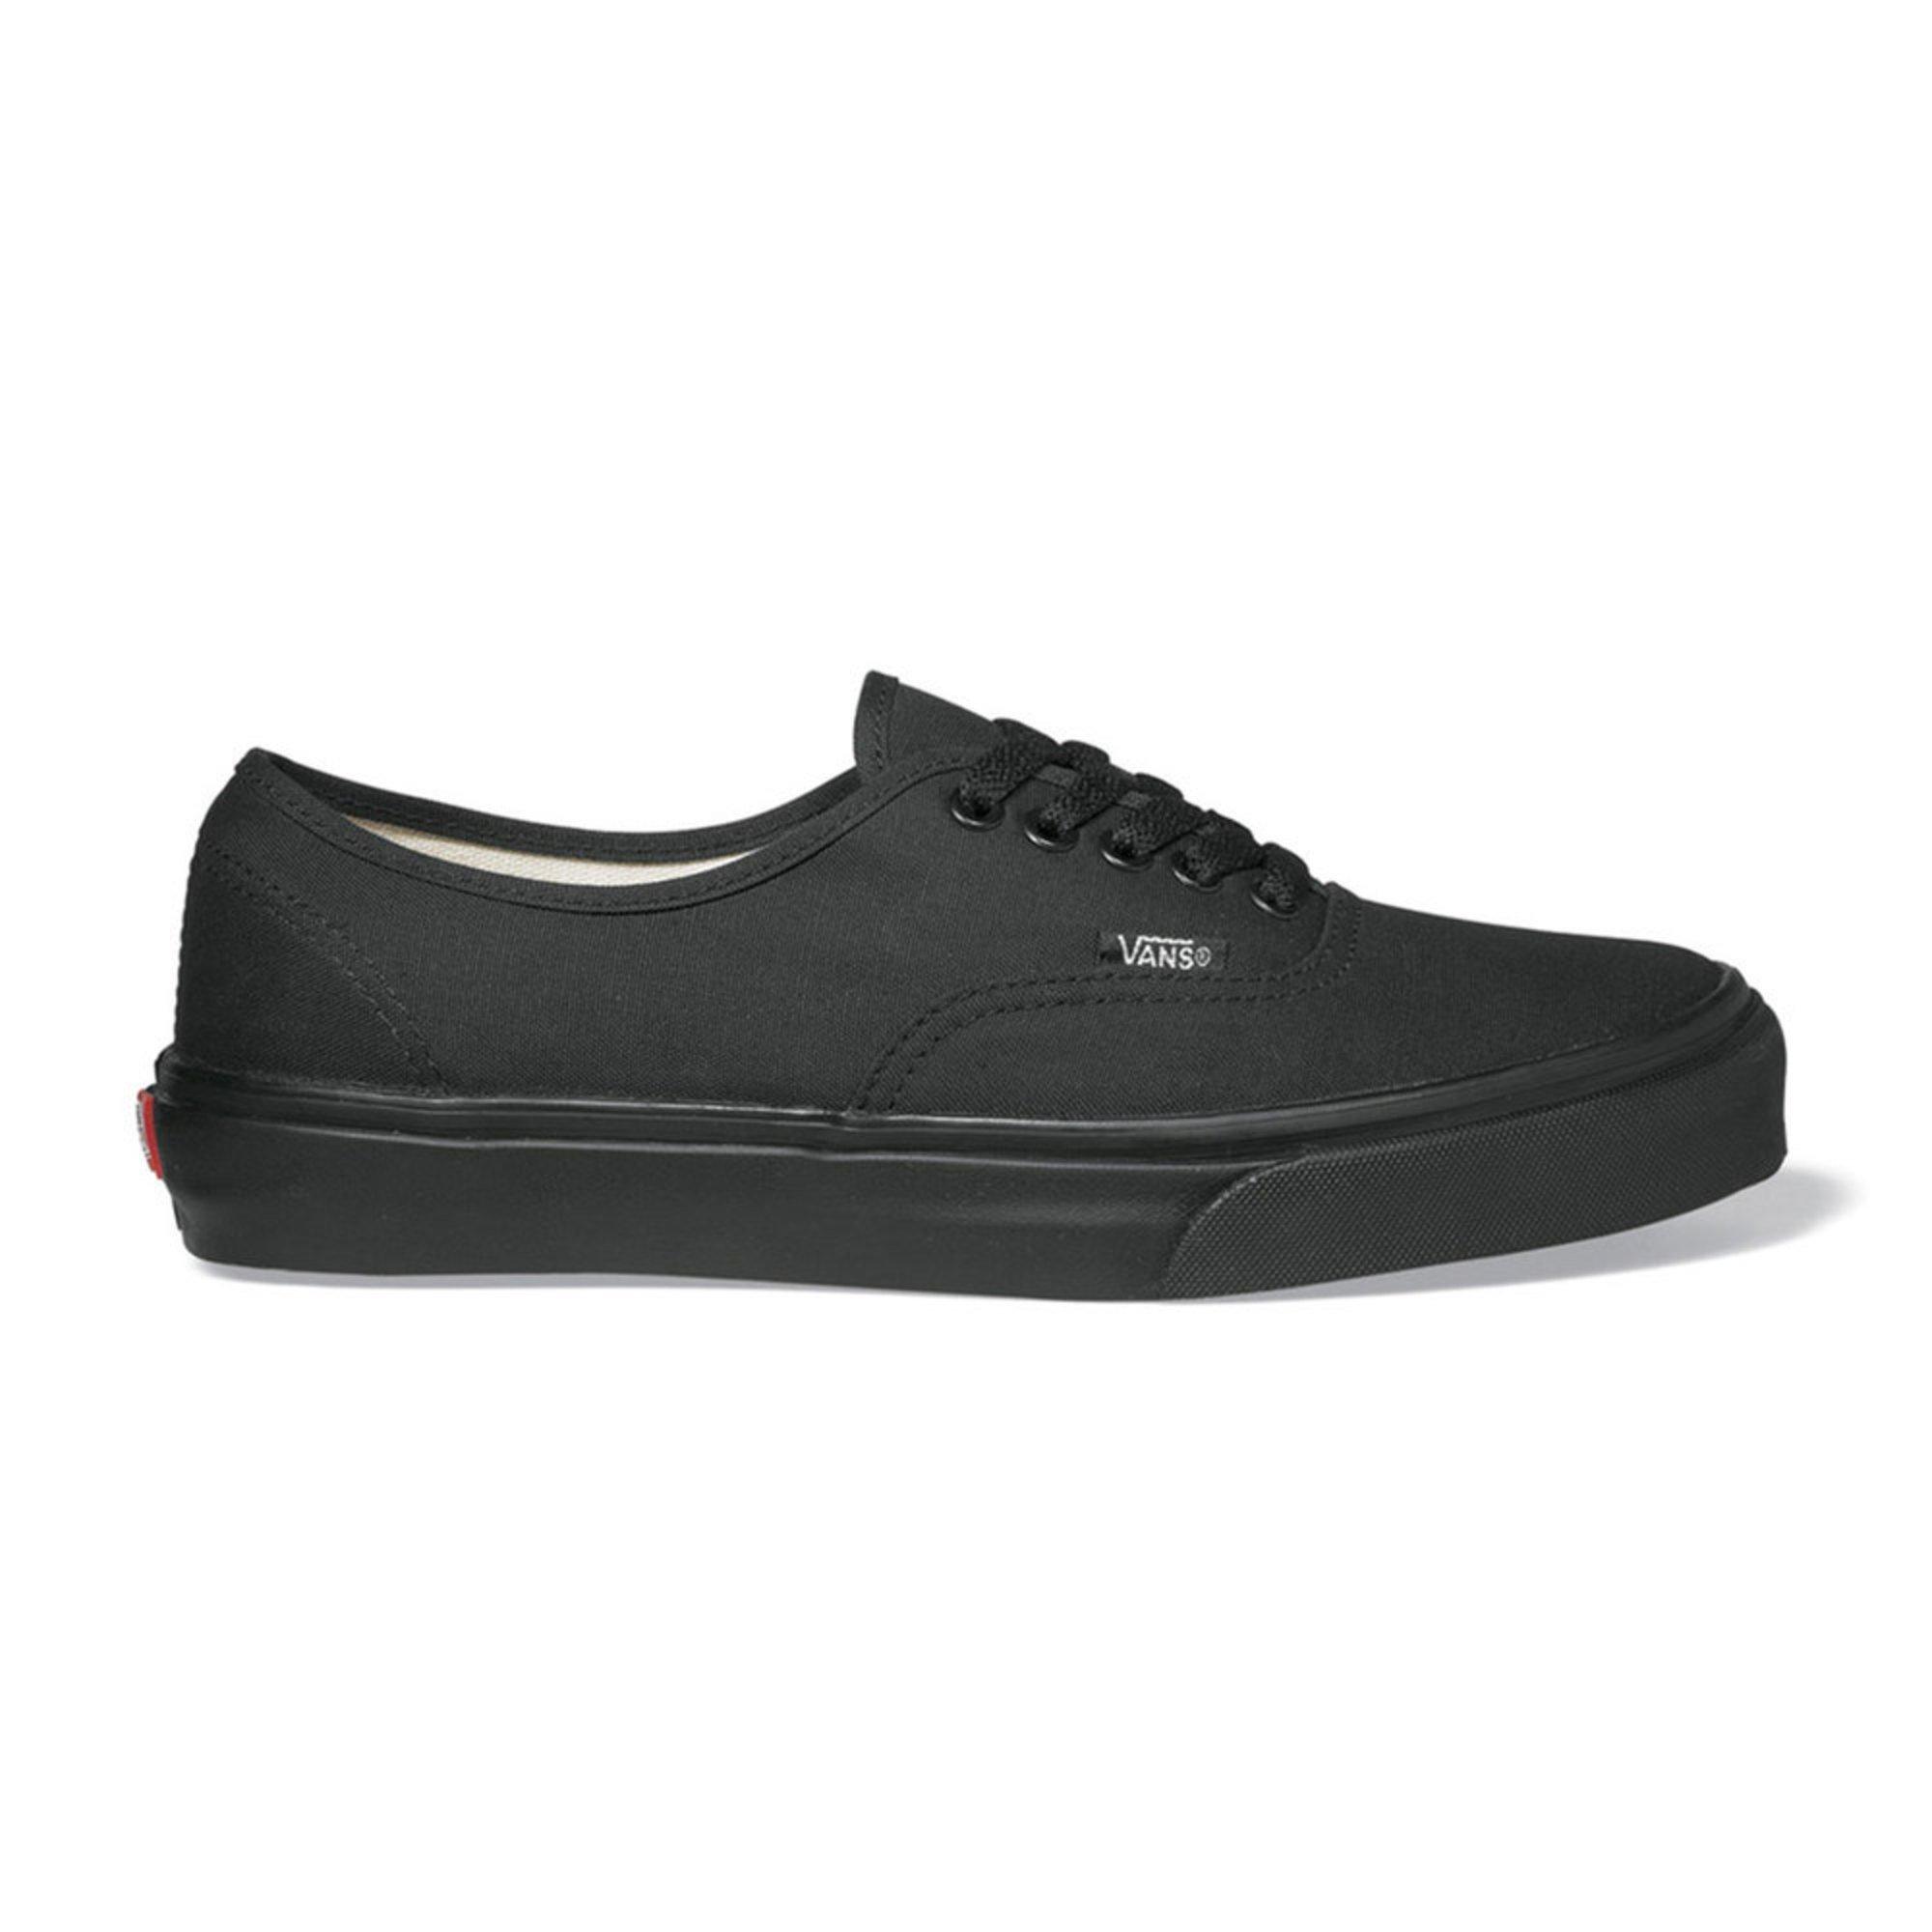 a97e2f4ad8 Vans. Vans Men s Authentic Skate Shoe